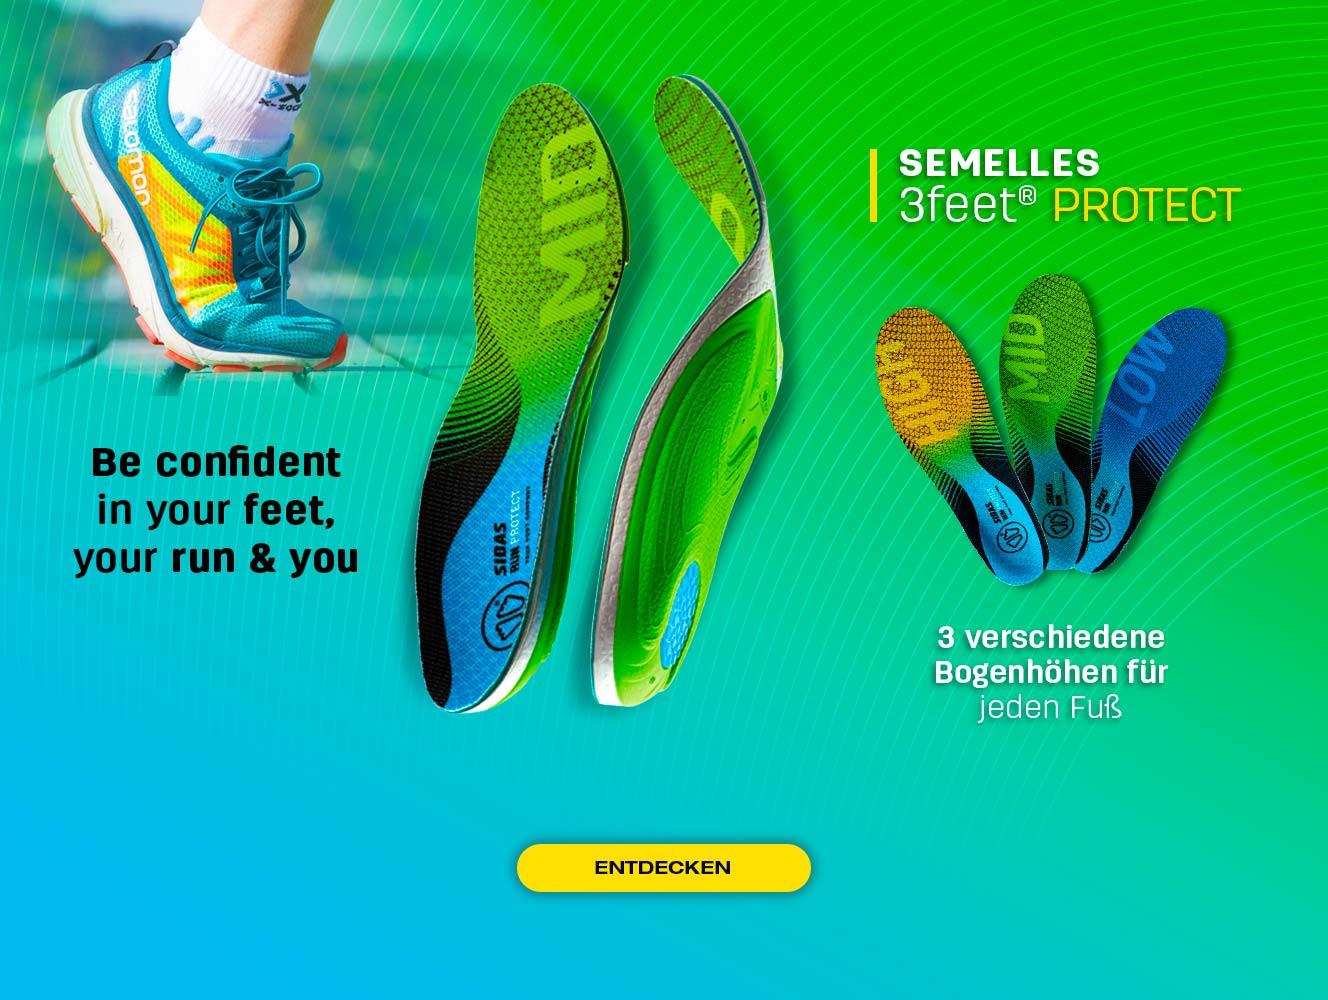 Entdecken Sie unsere neue Protect-Laufsohle, die an Ihren Fußtyp angepasst ist